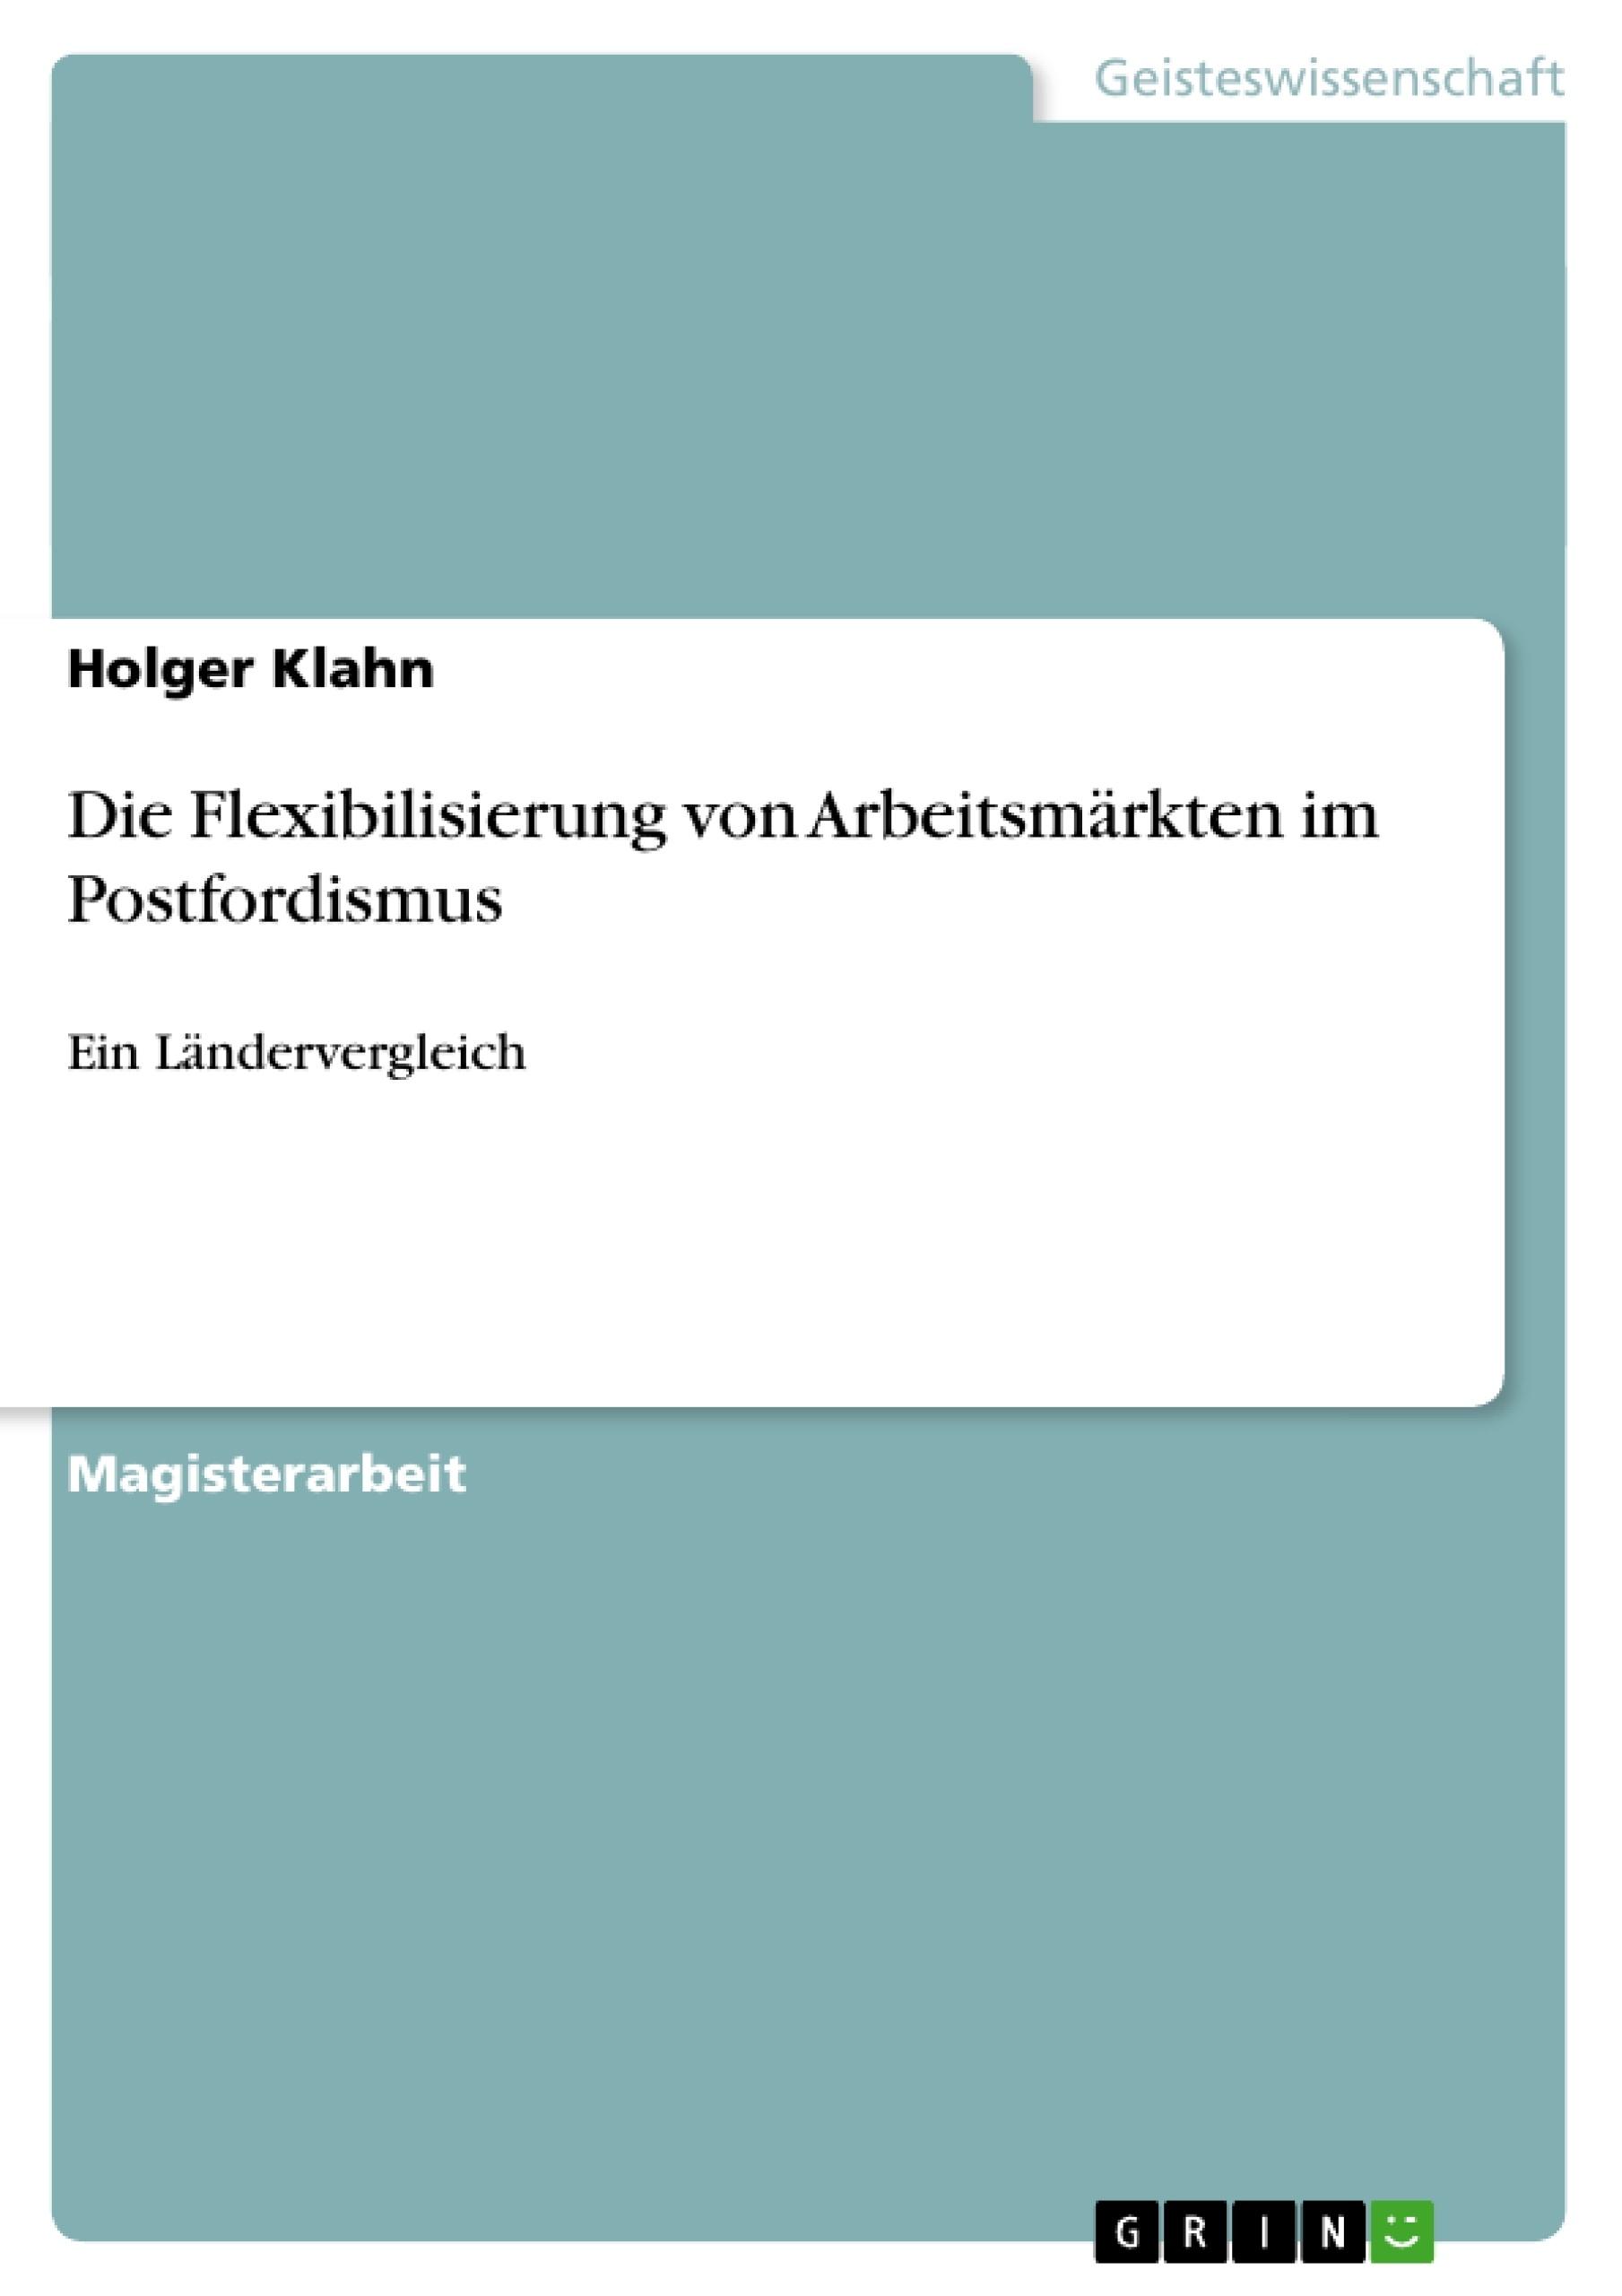 Titel: Die Flexibilisierung von Arbeitsmärkten im Postfordismus